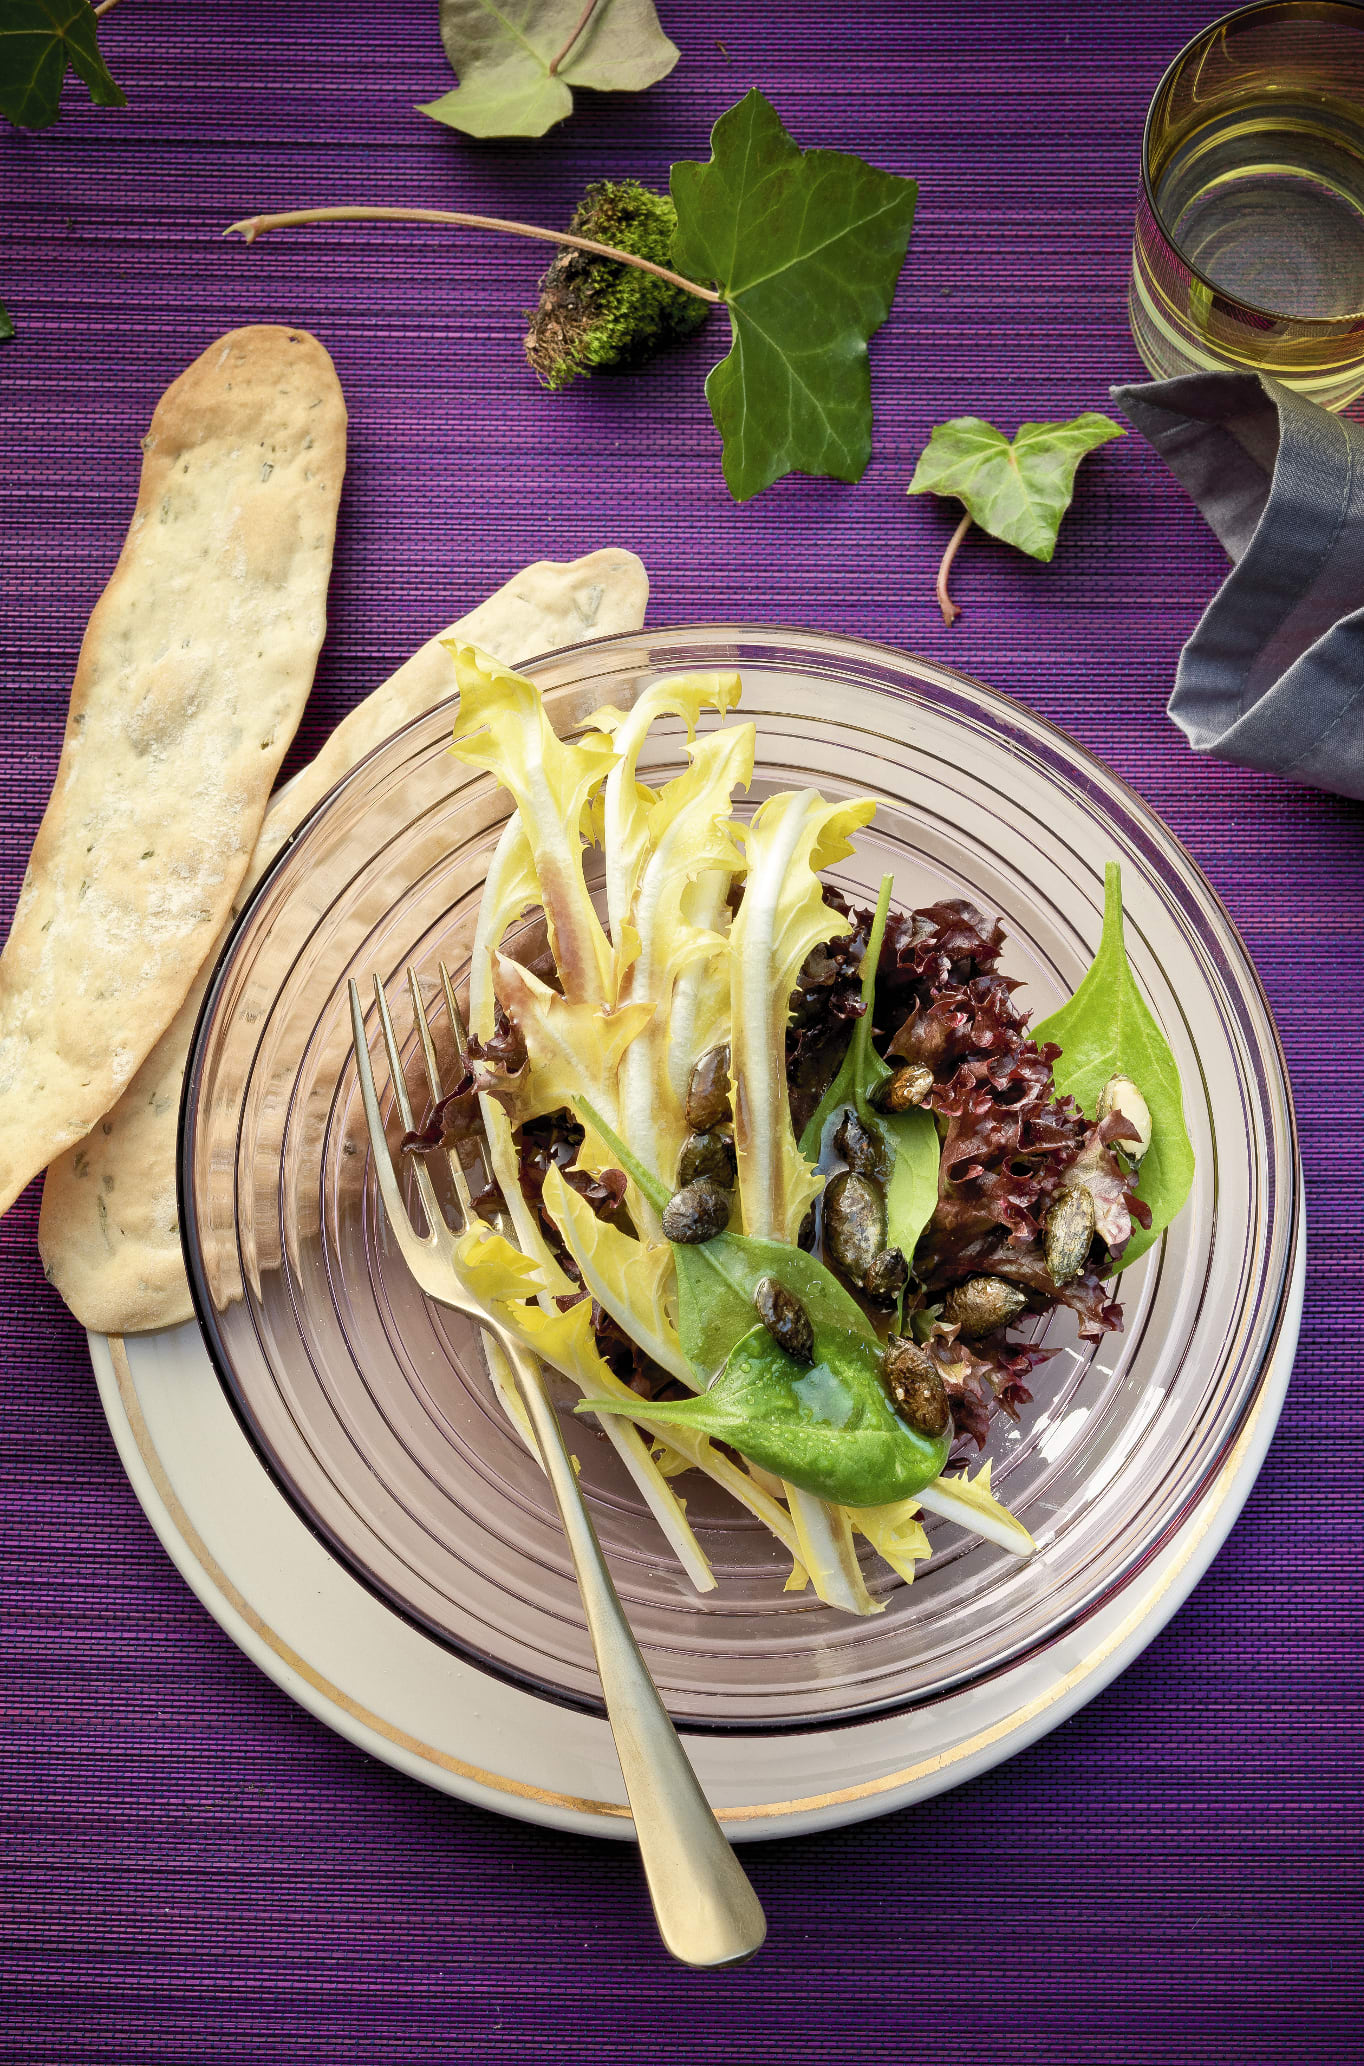 Salade printanière aux graines de courge caramélisées et aux langues au romarin